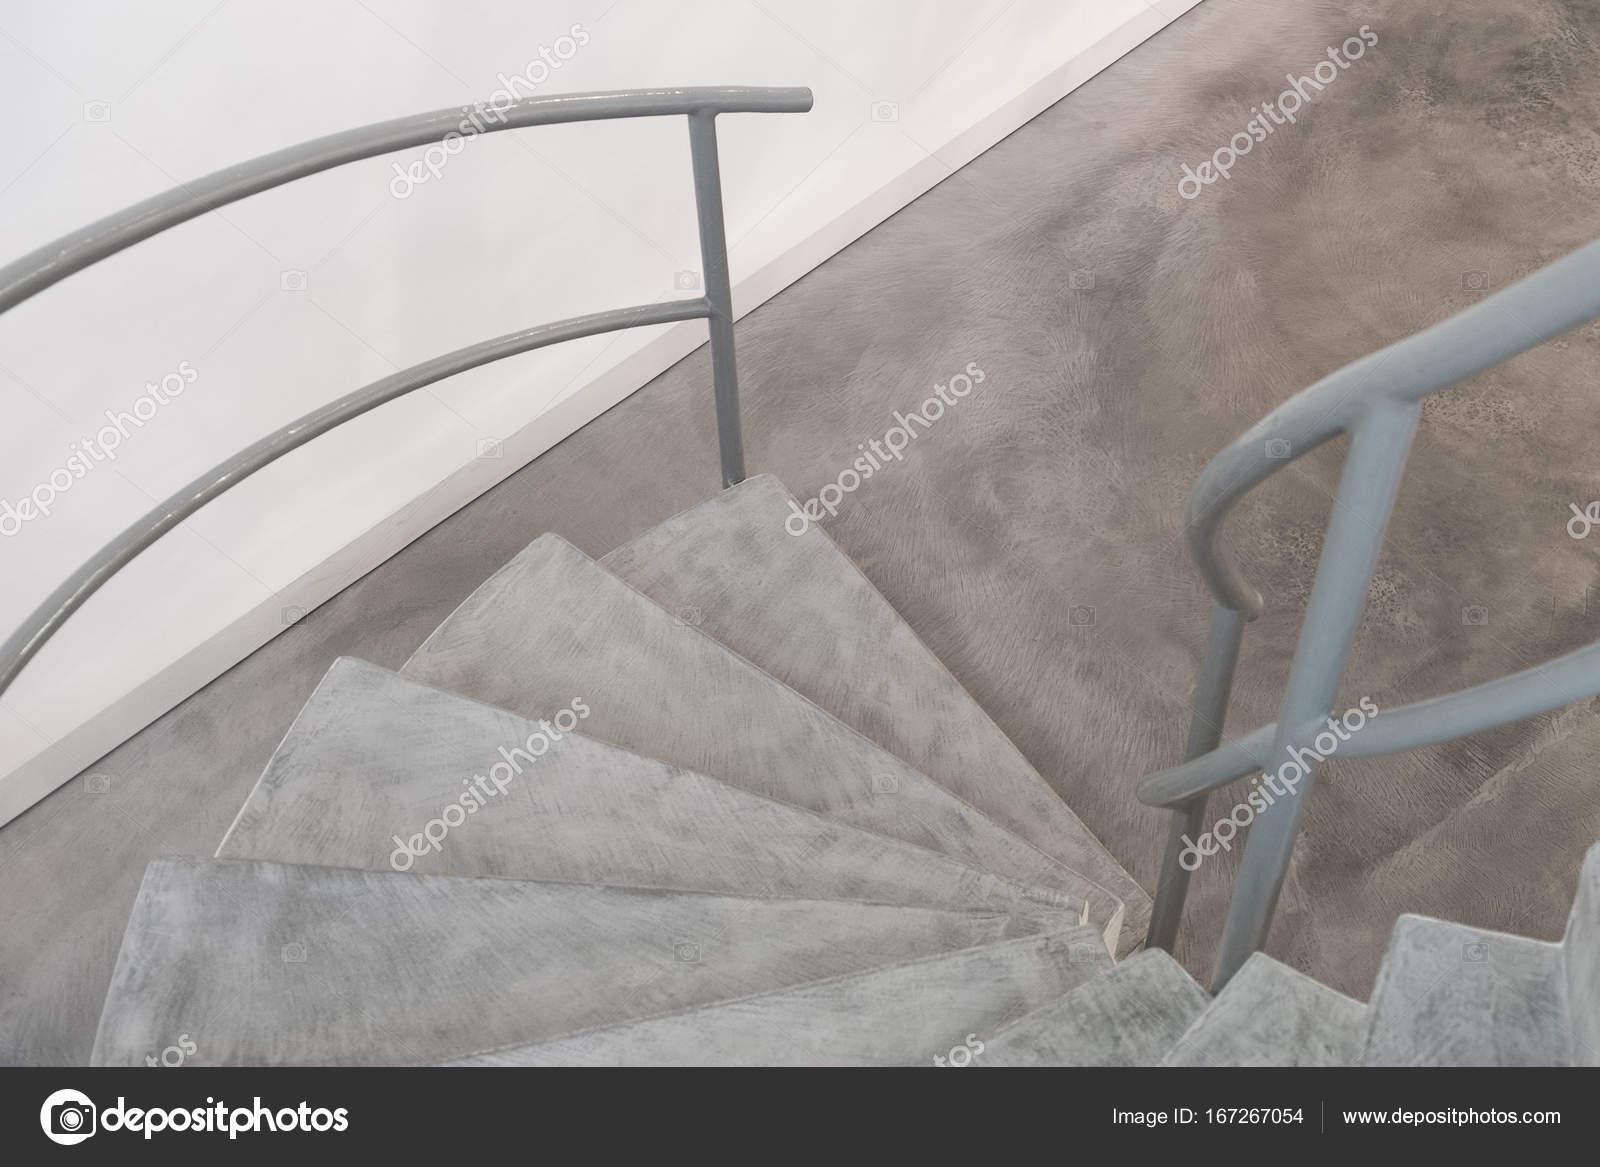 treppe in minimalistischem stil bilder, funktionalistischen stil treppe im inneren — stockfoto © marvlc, Design ideen